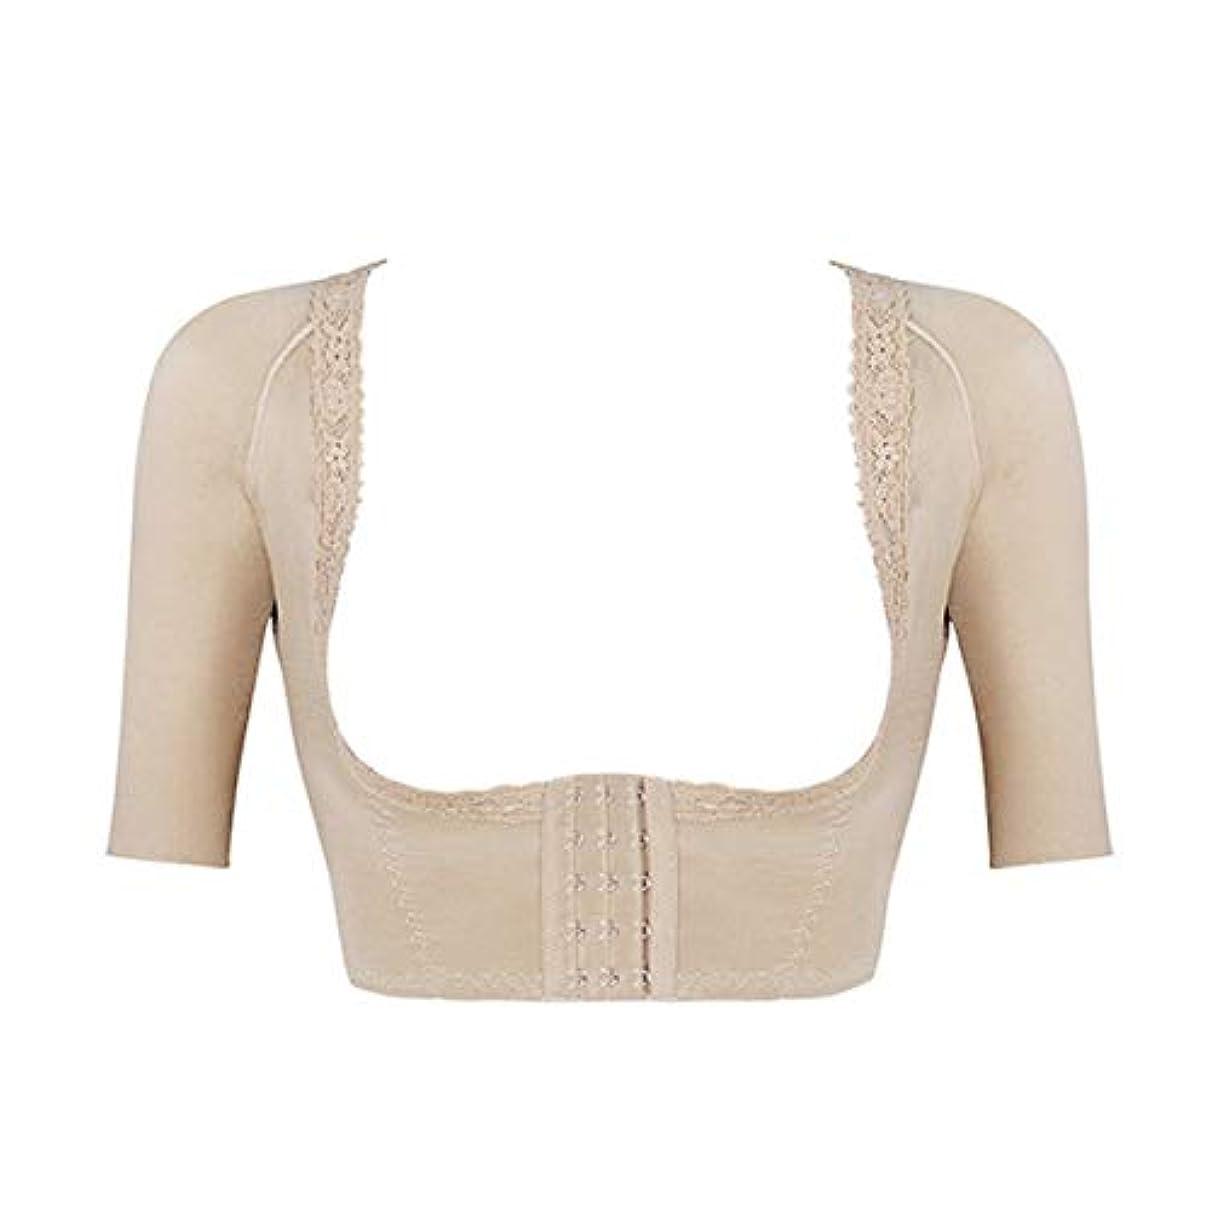 カッターでオープニング女性のボディシェイパートップス快適な女性の腕の脂肪燃焼乳房リフトシェイプウェアスリムトレーナーコルセット-スキンカラー-70